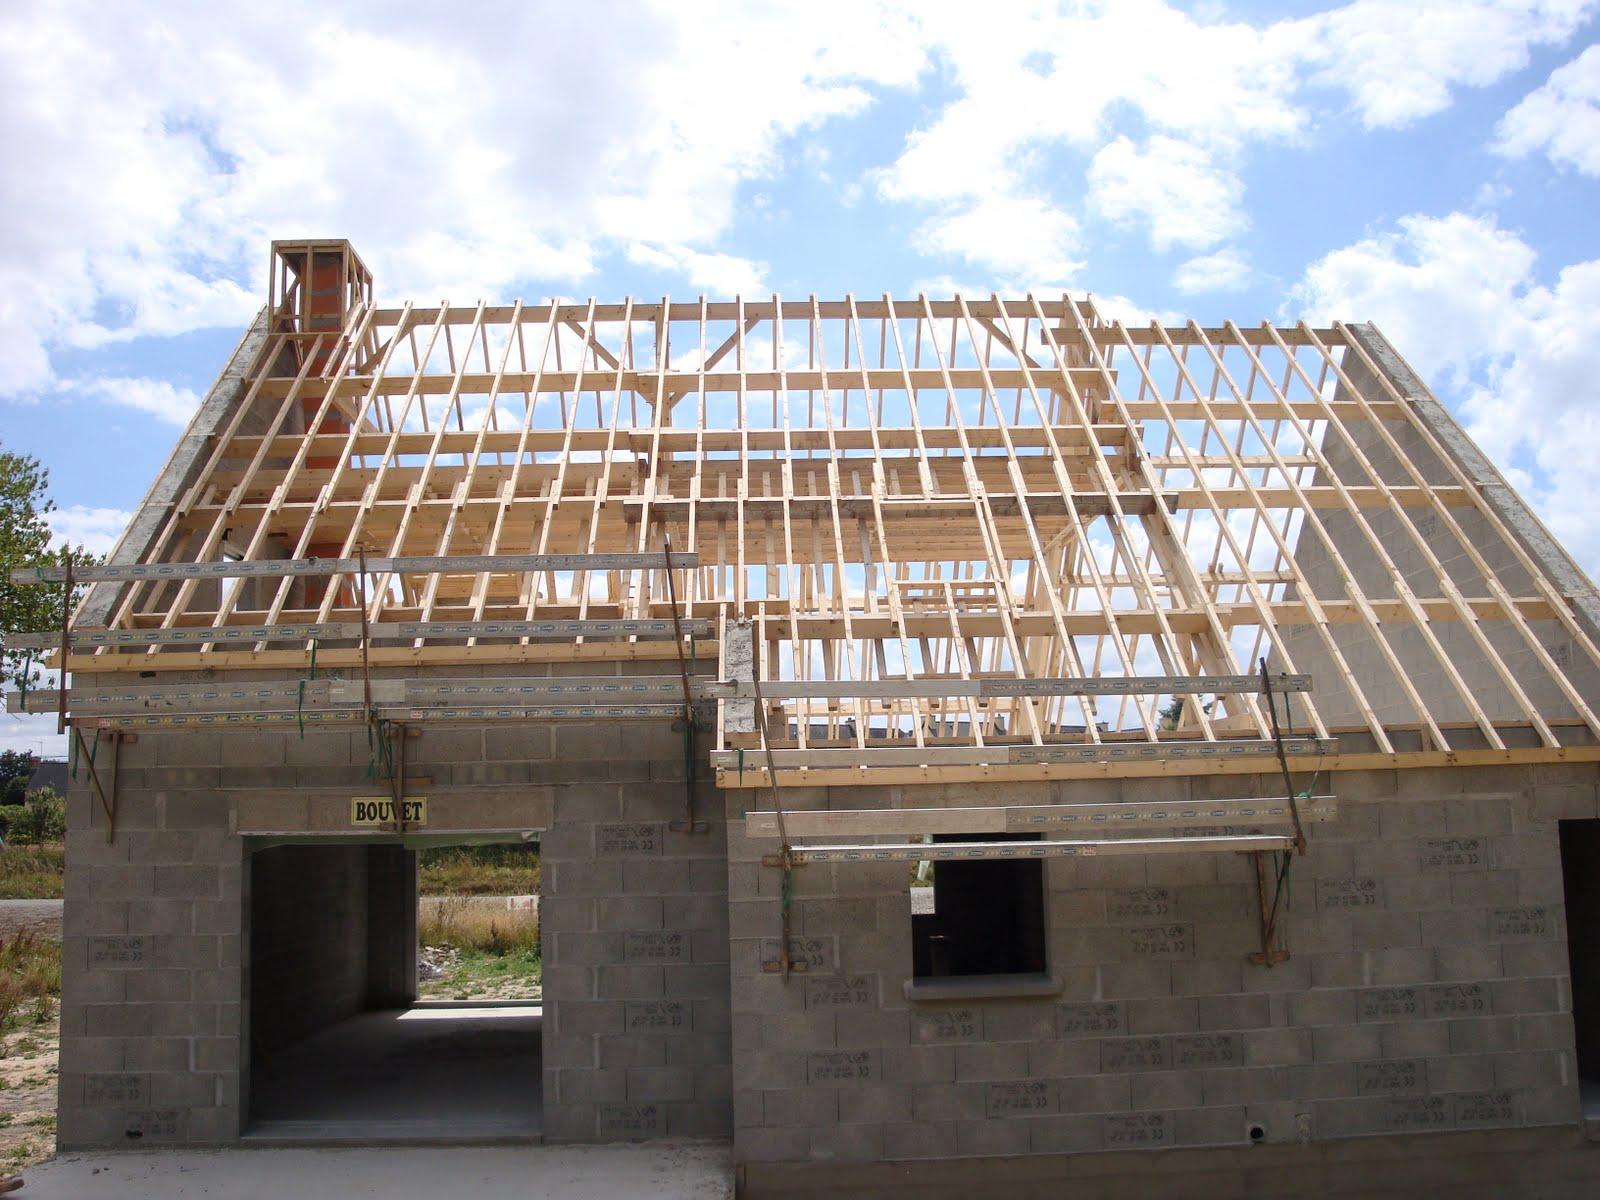 Sos plombier toulon devis construction maison en ligne - Devis construction maison en ligne ...